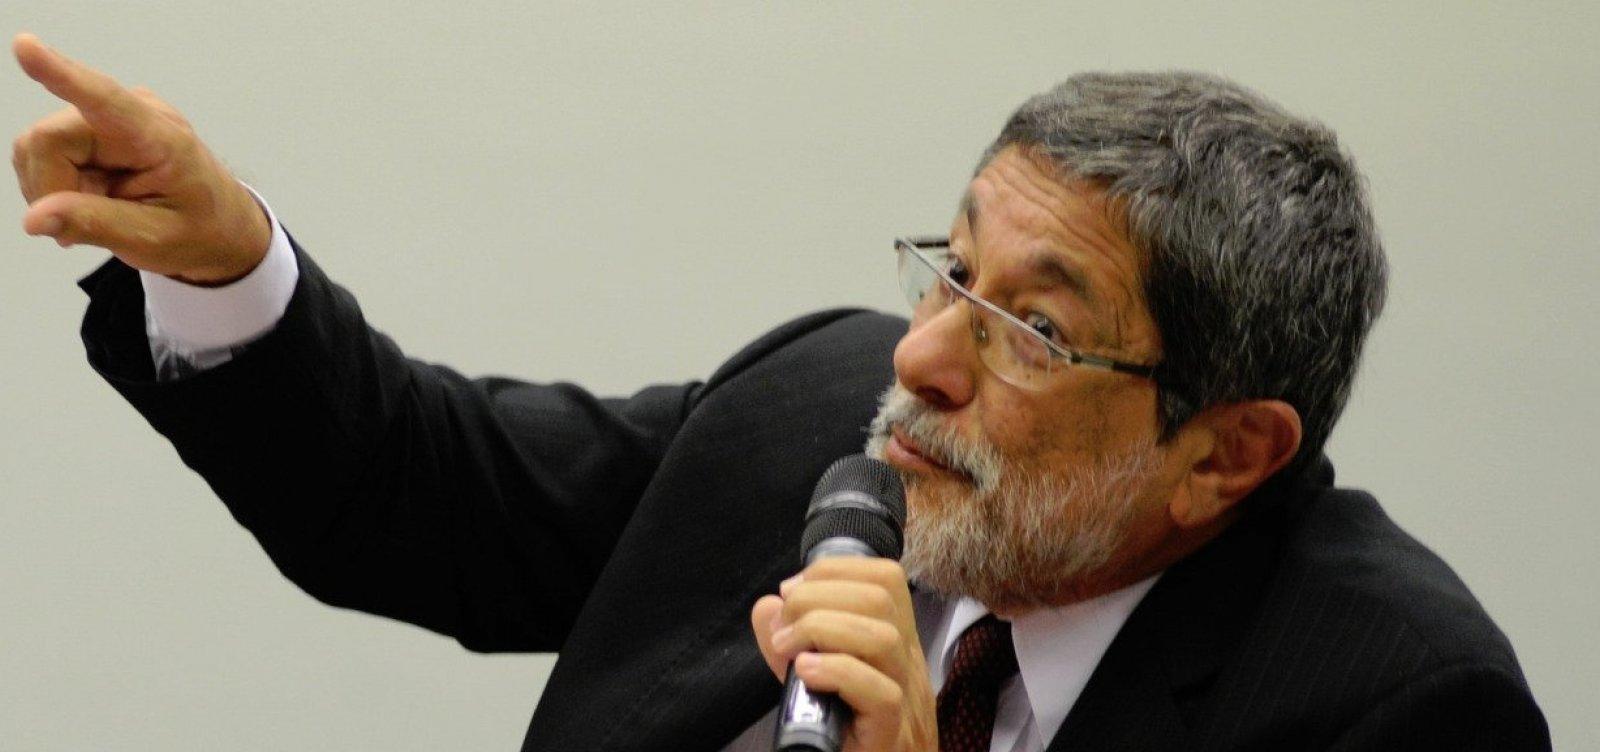 Palocci: Lula encomendou a Gabrielli construção de sondas para 'manter futuro político' do PT